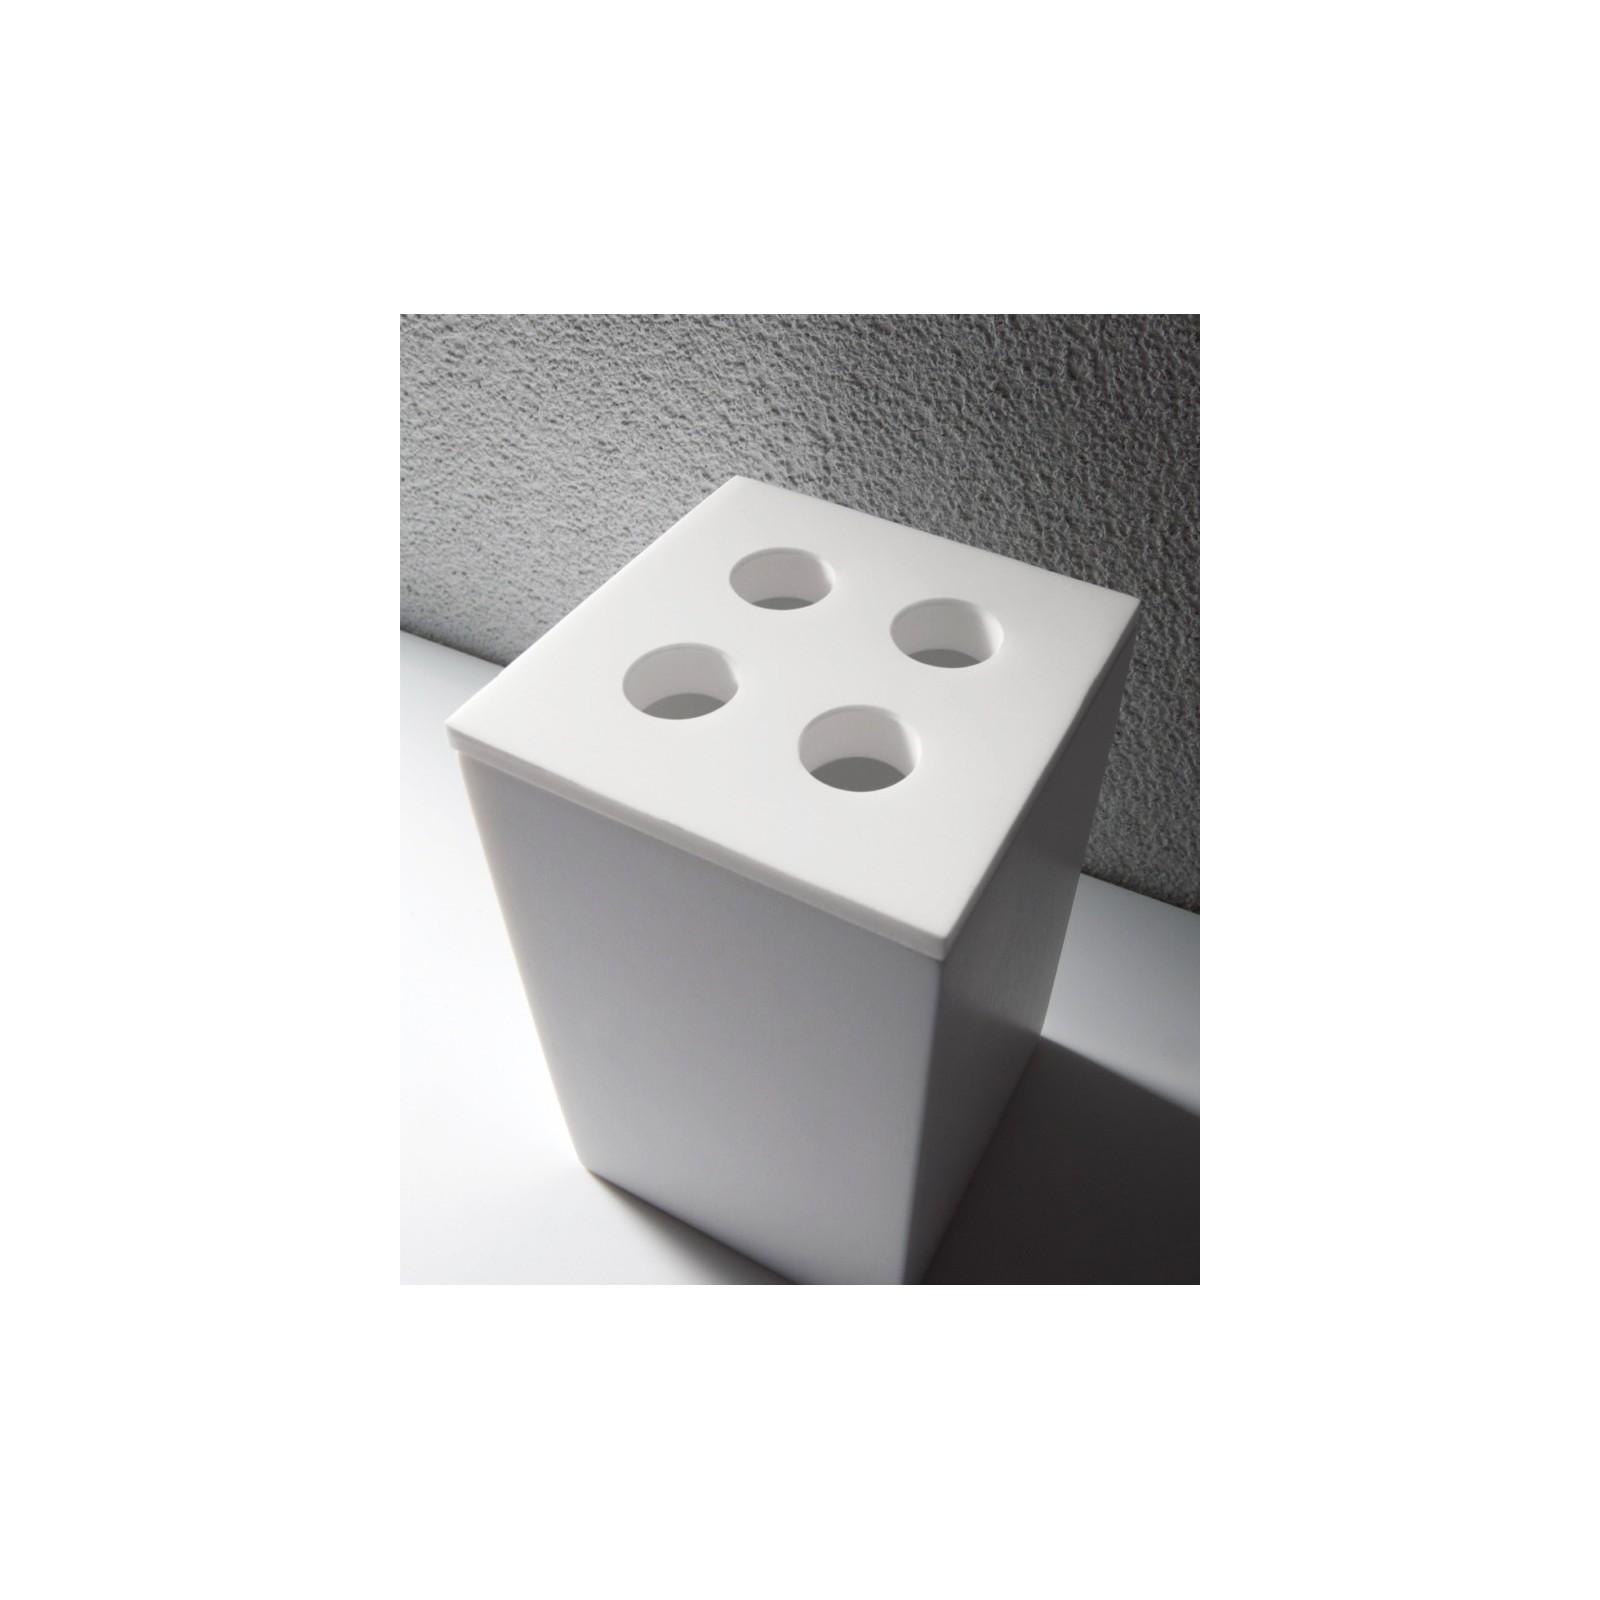 Cubo accessori per bagno moderni by Brera - ConteCom